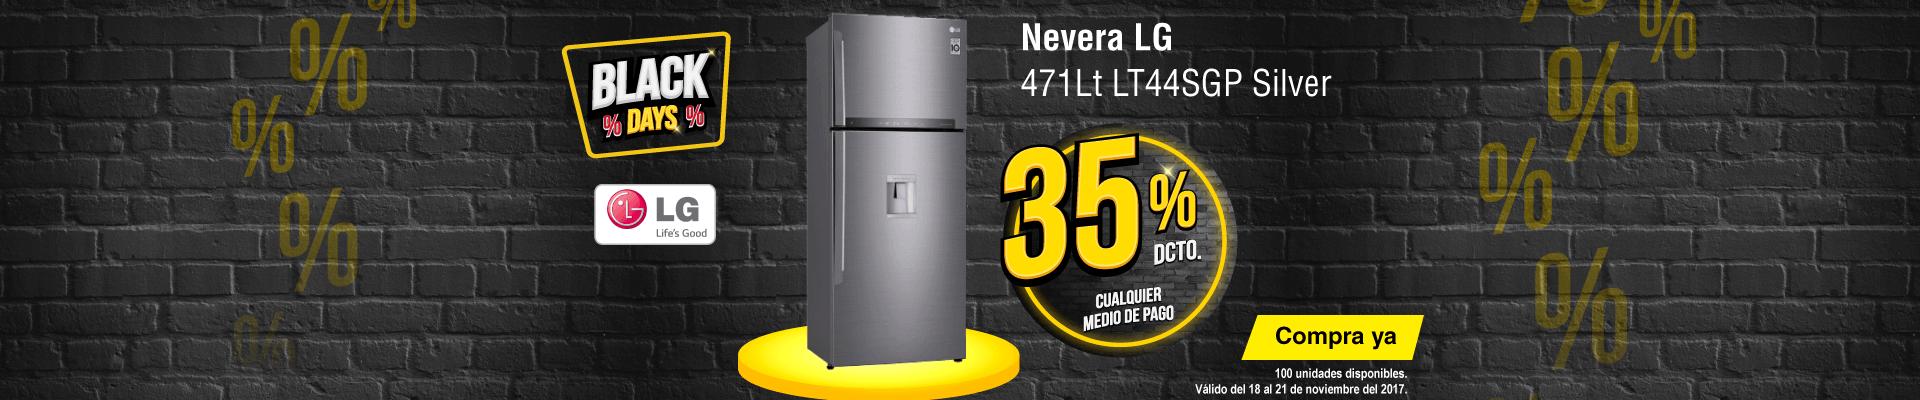 PPAL ALKP-5-lb-Nevera LG 471Lt LT44SGP Silver-prod-noviembre18-21-MARCAS